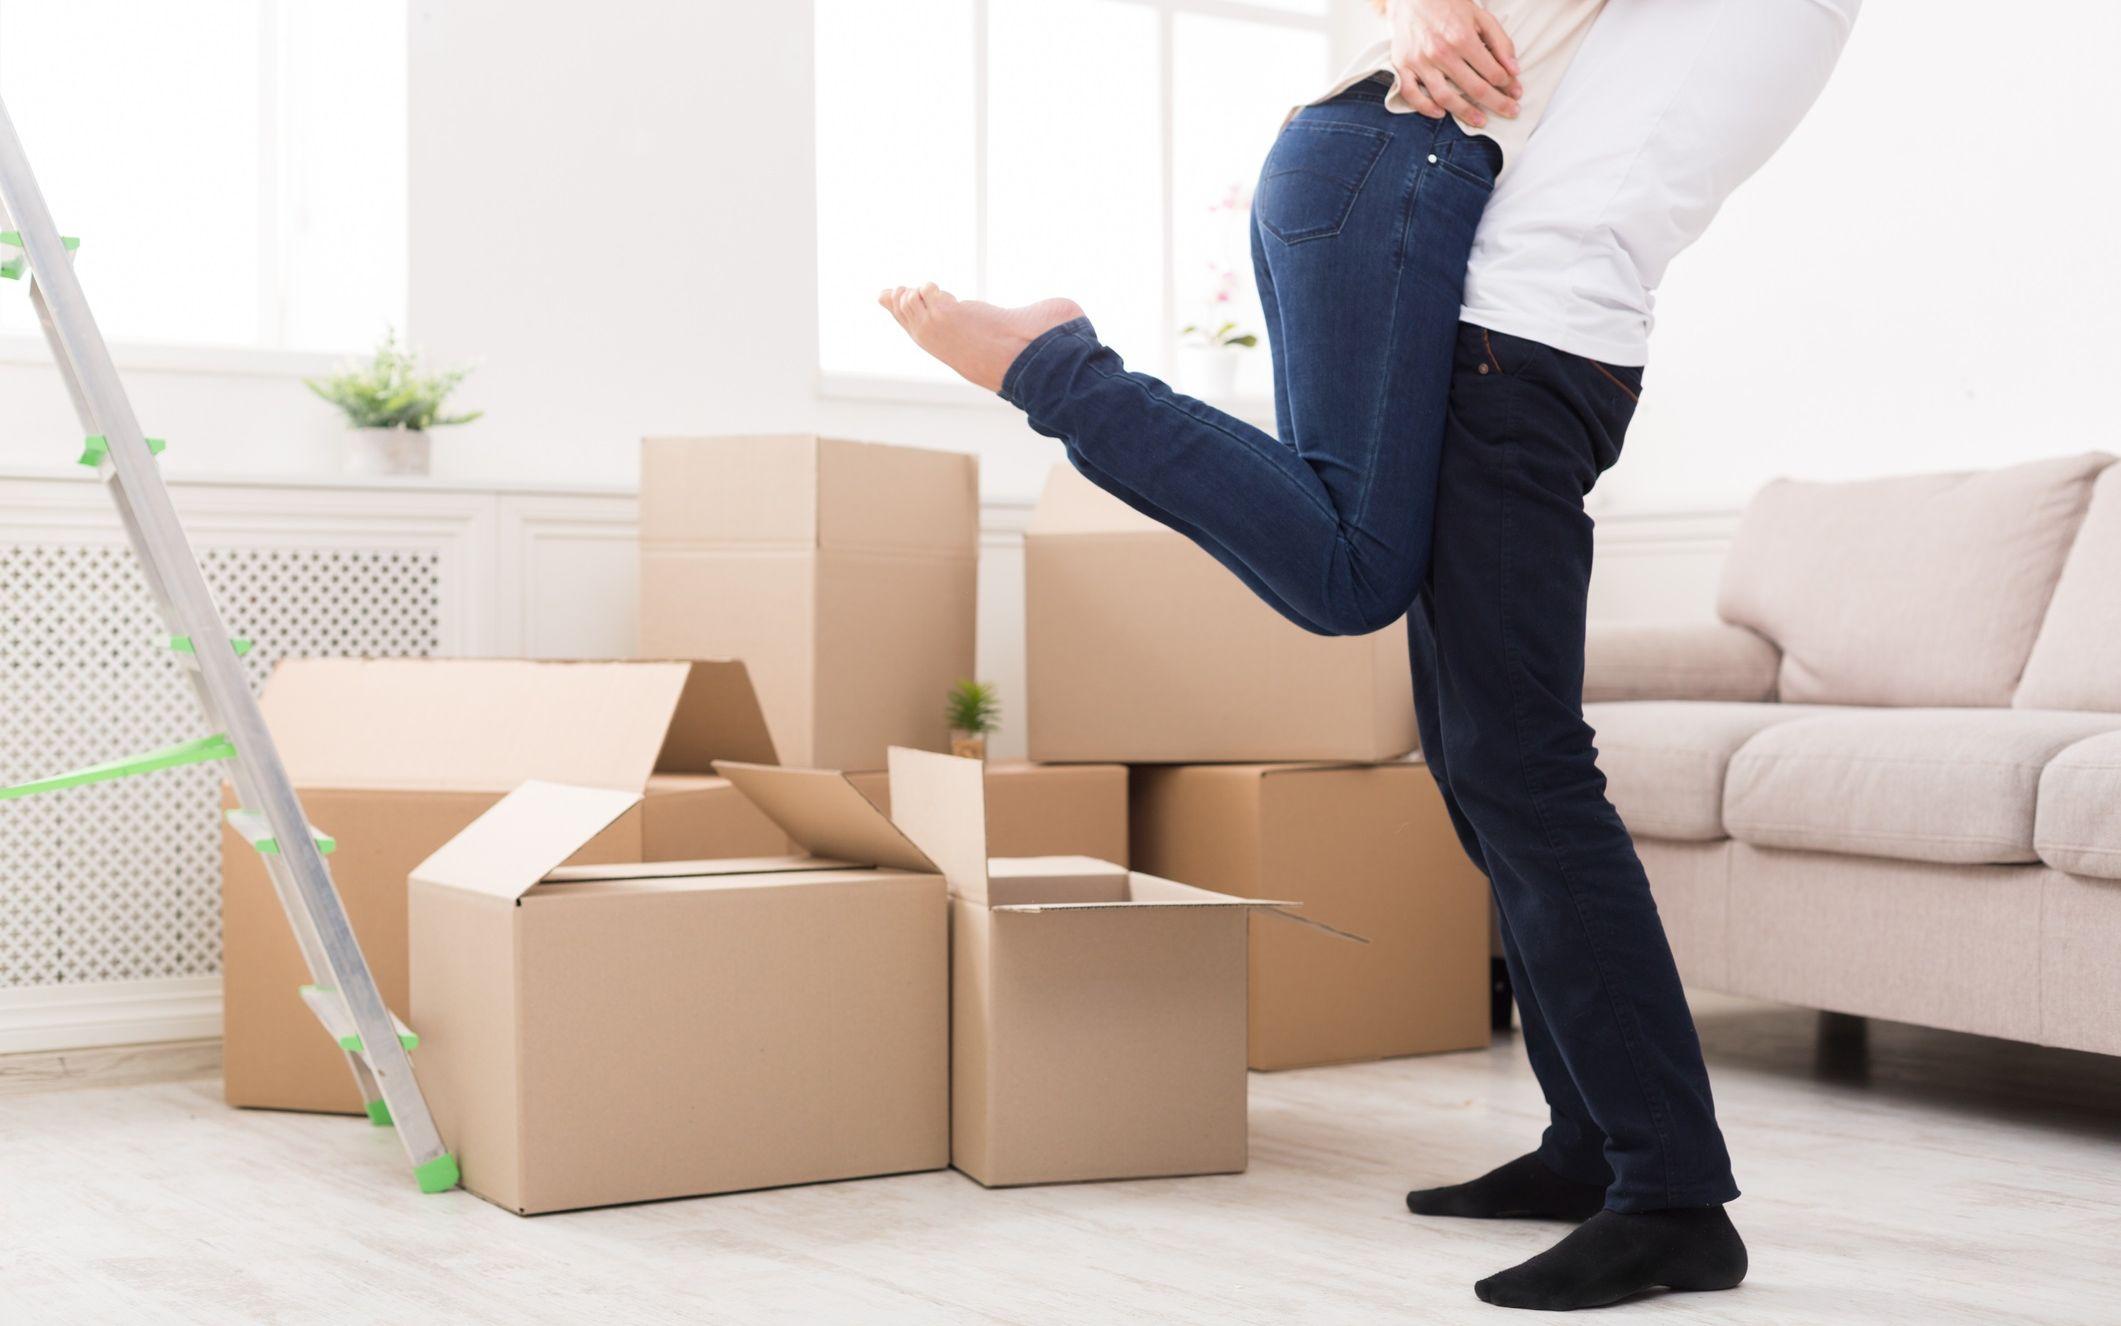 Ny på boligmarkedet? Råd til førstegangskjøpere!